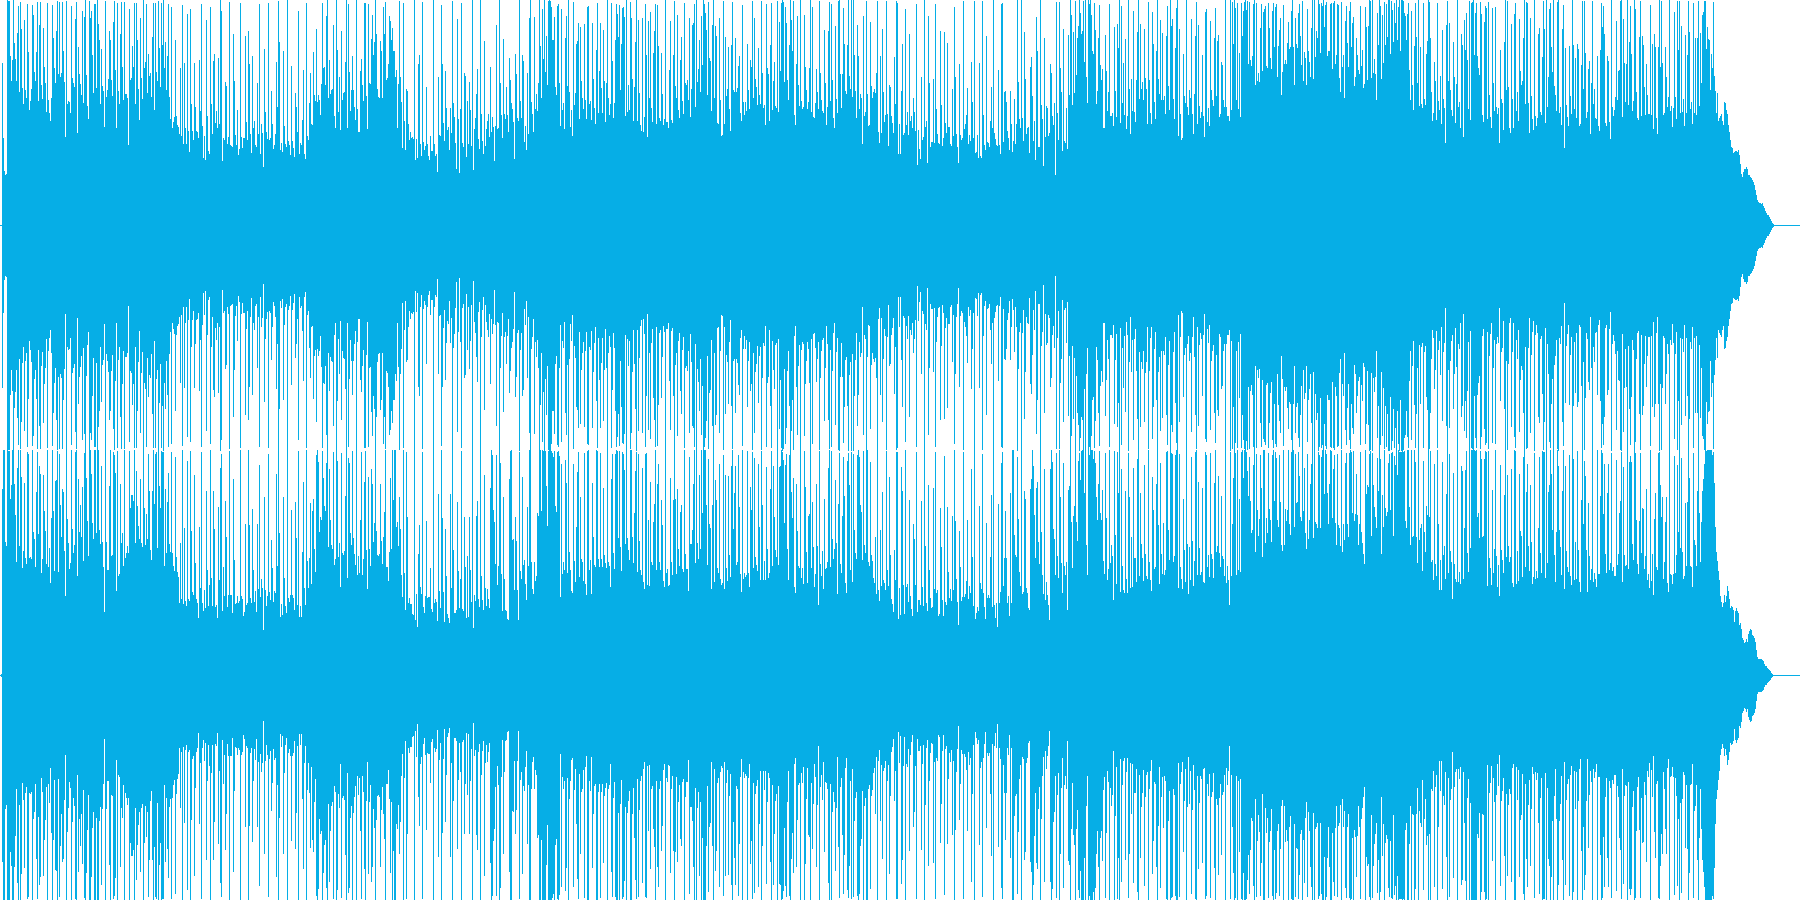 ハードロックギター、声、混乱、ギタ...の再生済みの波形